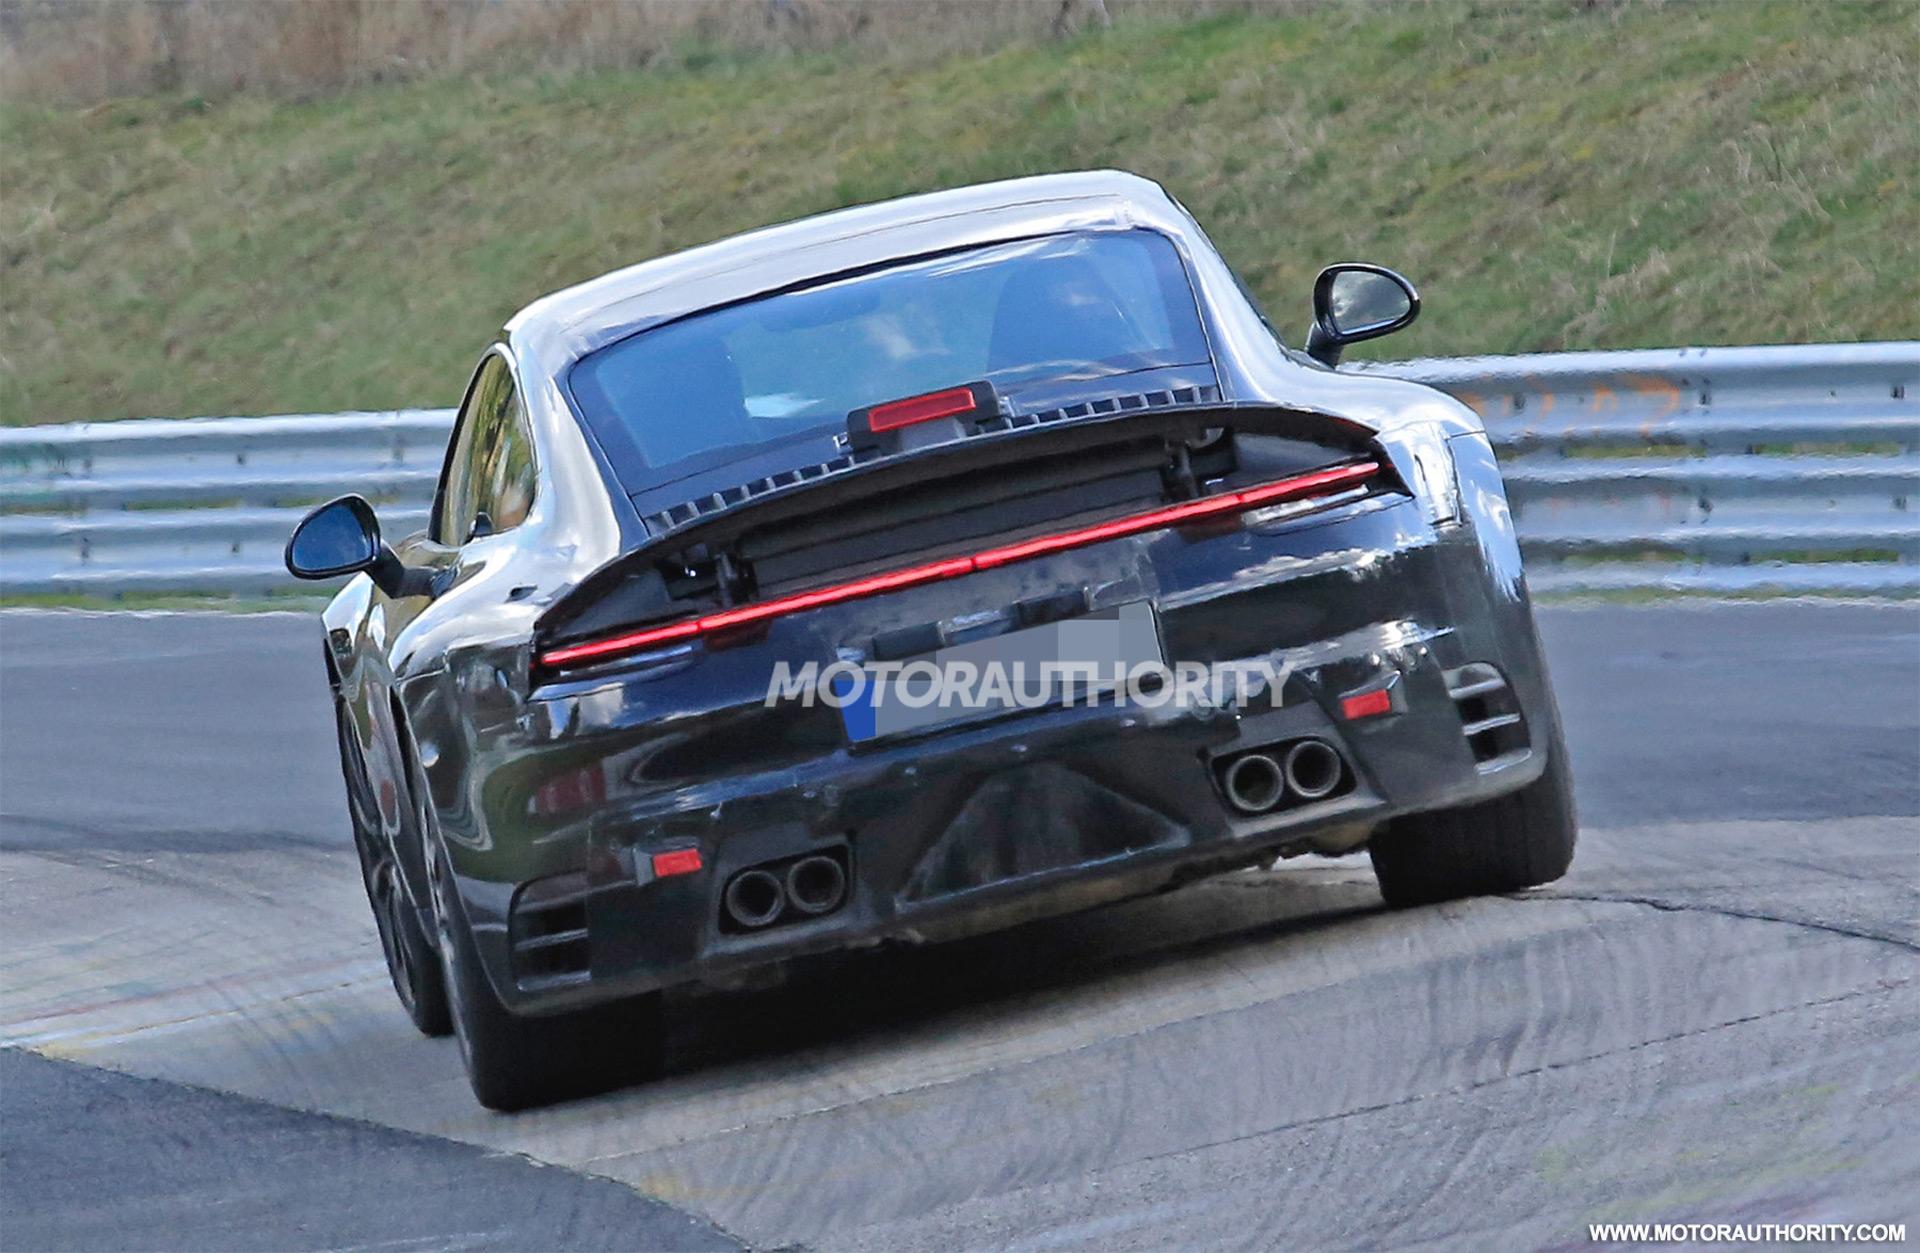 Mercedes S-Class leak, Porsche 911 spy shots, Volvo S60 and V60 Polestar review: Car News Headlines